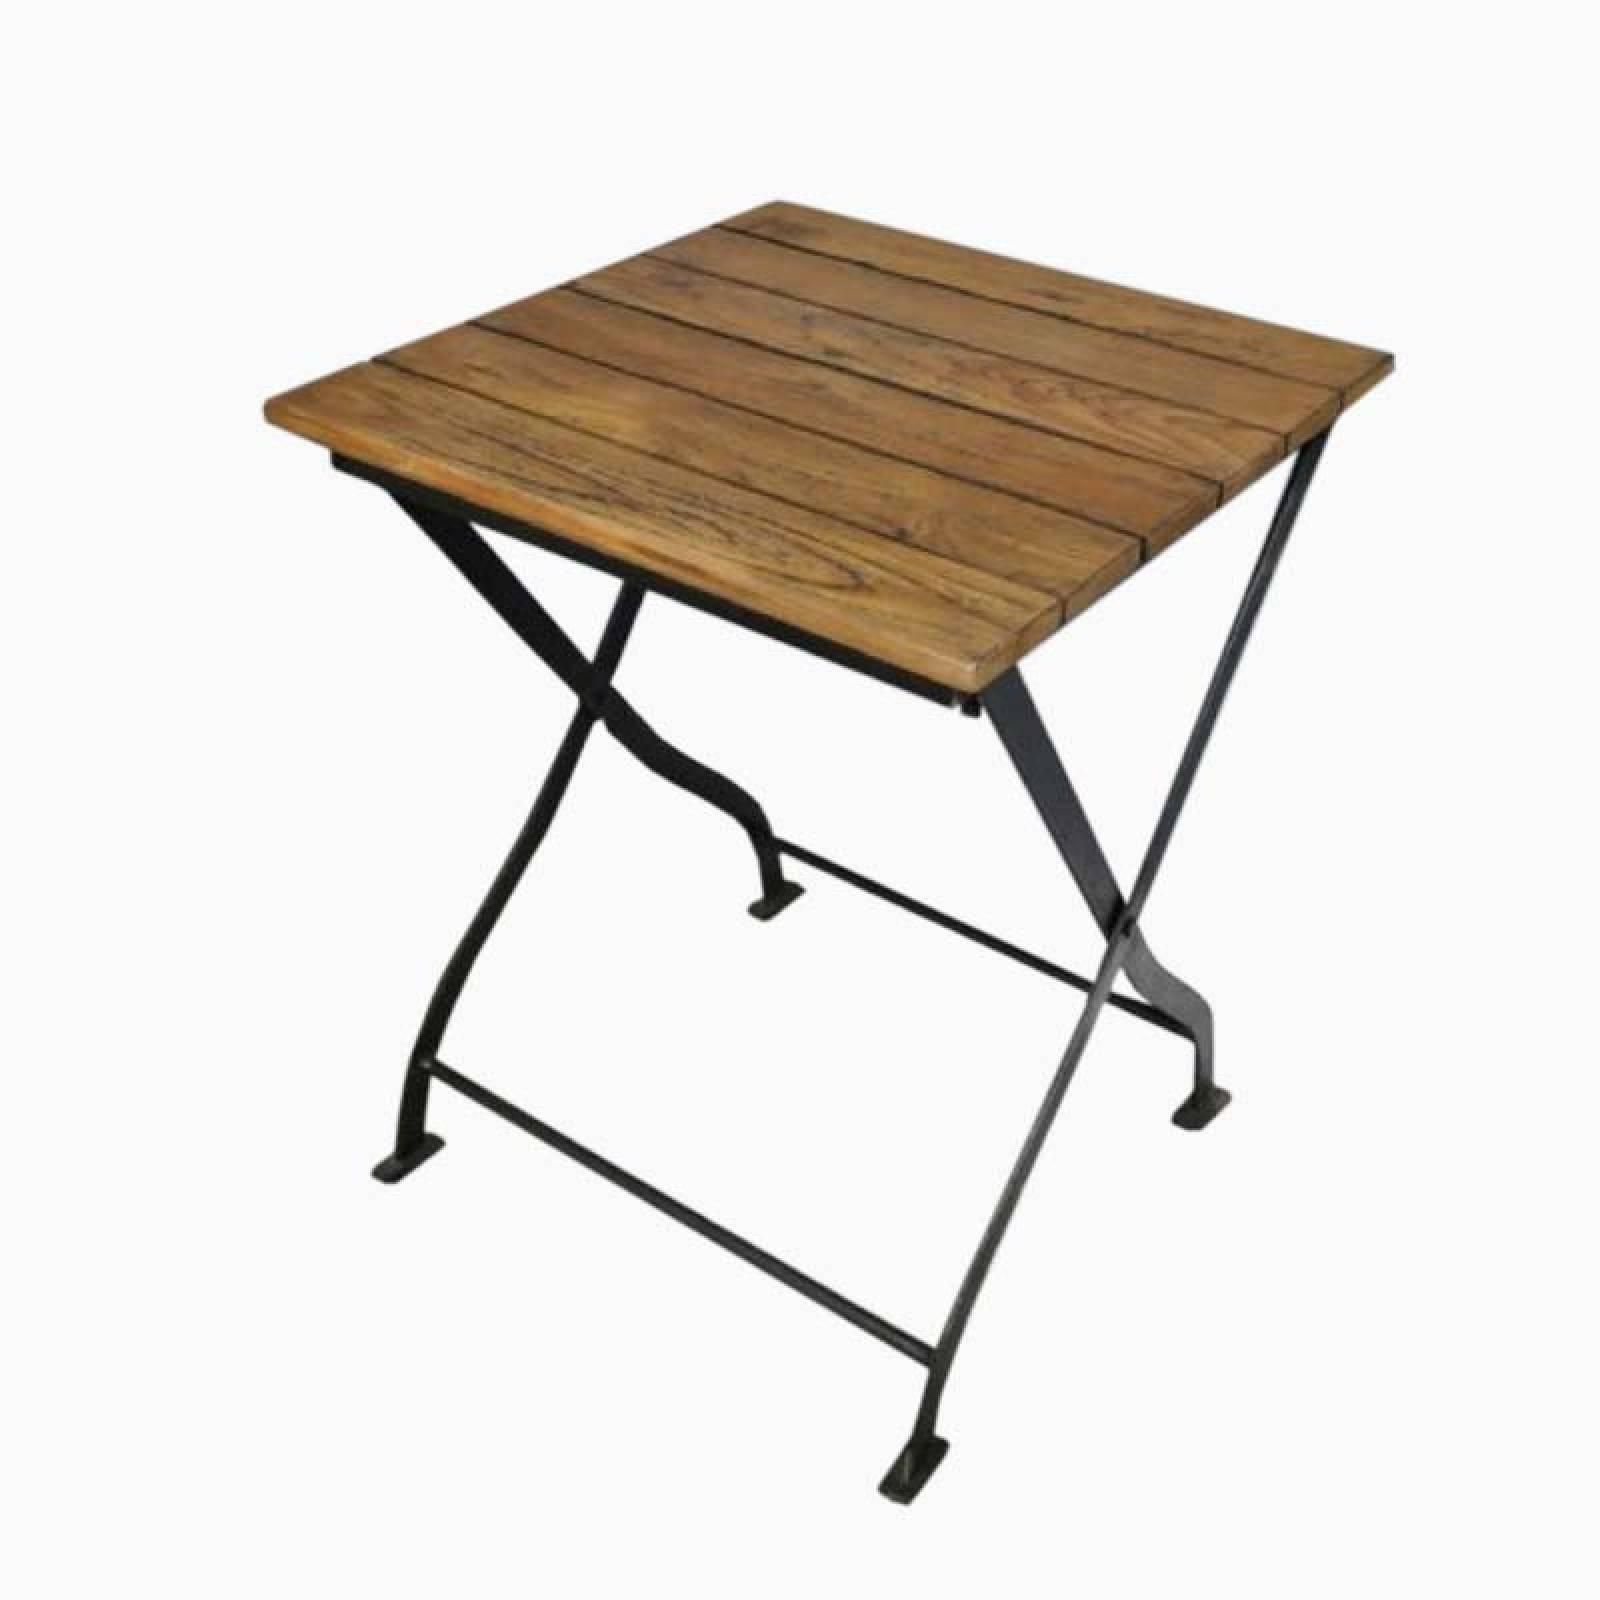 Folding Wooden Slatted Garden Table